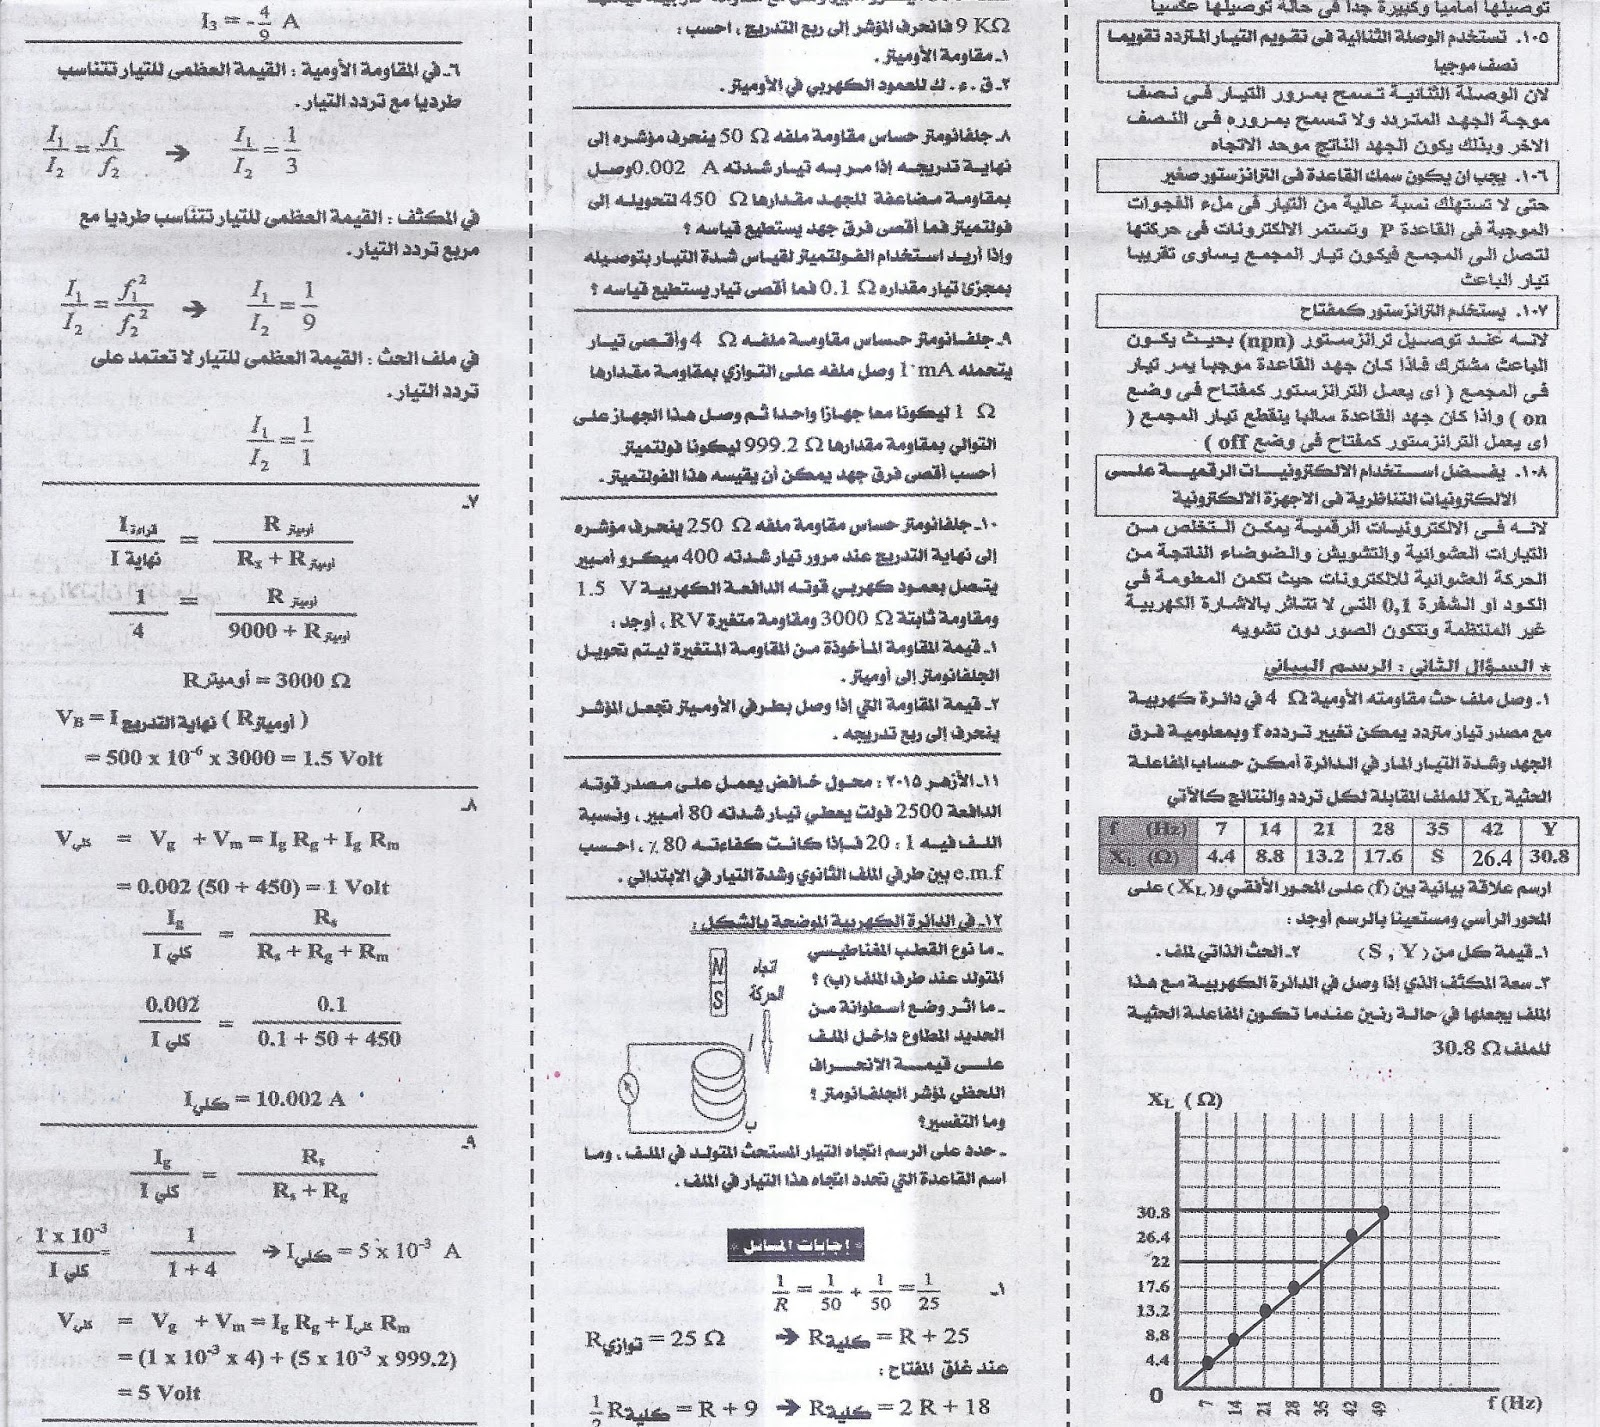 """مراجعة فيزياء .. اهم اسئلة علل واهم المسائل والرسومات البيانية للثانوية العامة """"عربي ولغات"""" 5"""